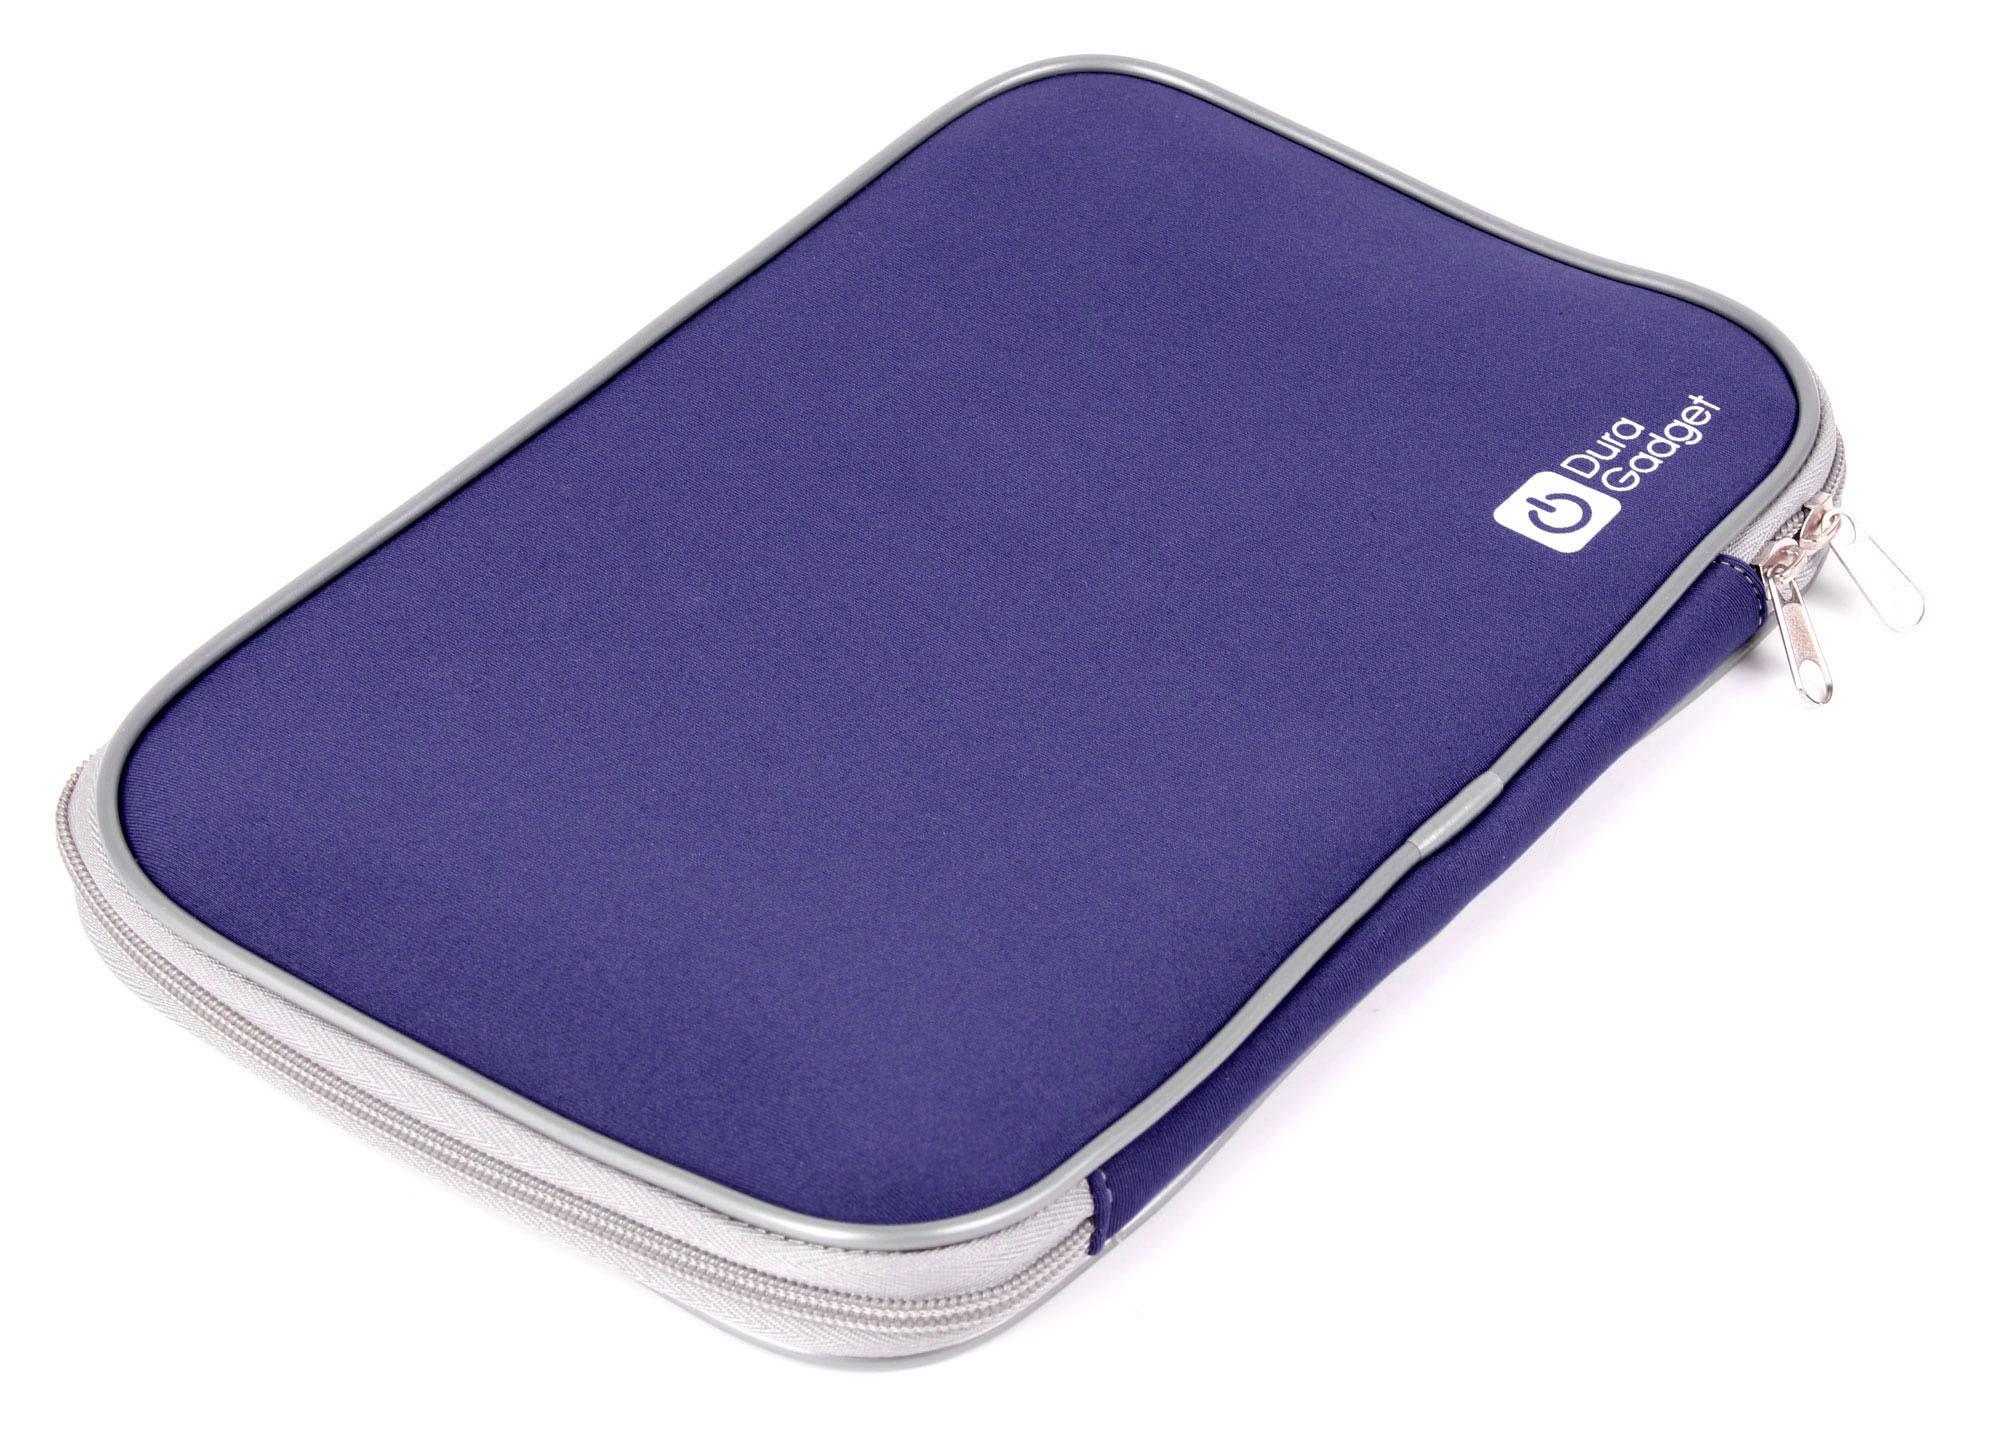 housse tui bleu pour tablette microsoft surface pro 3 12 pouces stylet bleu ebay. Black Bedroom Furniture Sets. Home Design Ideas